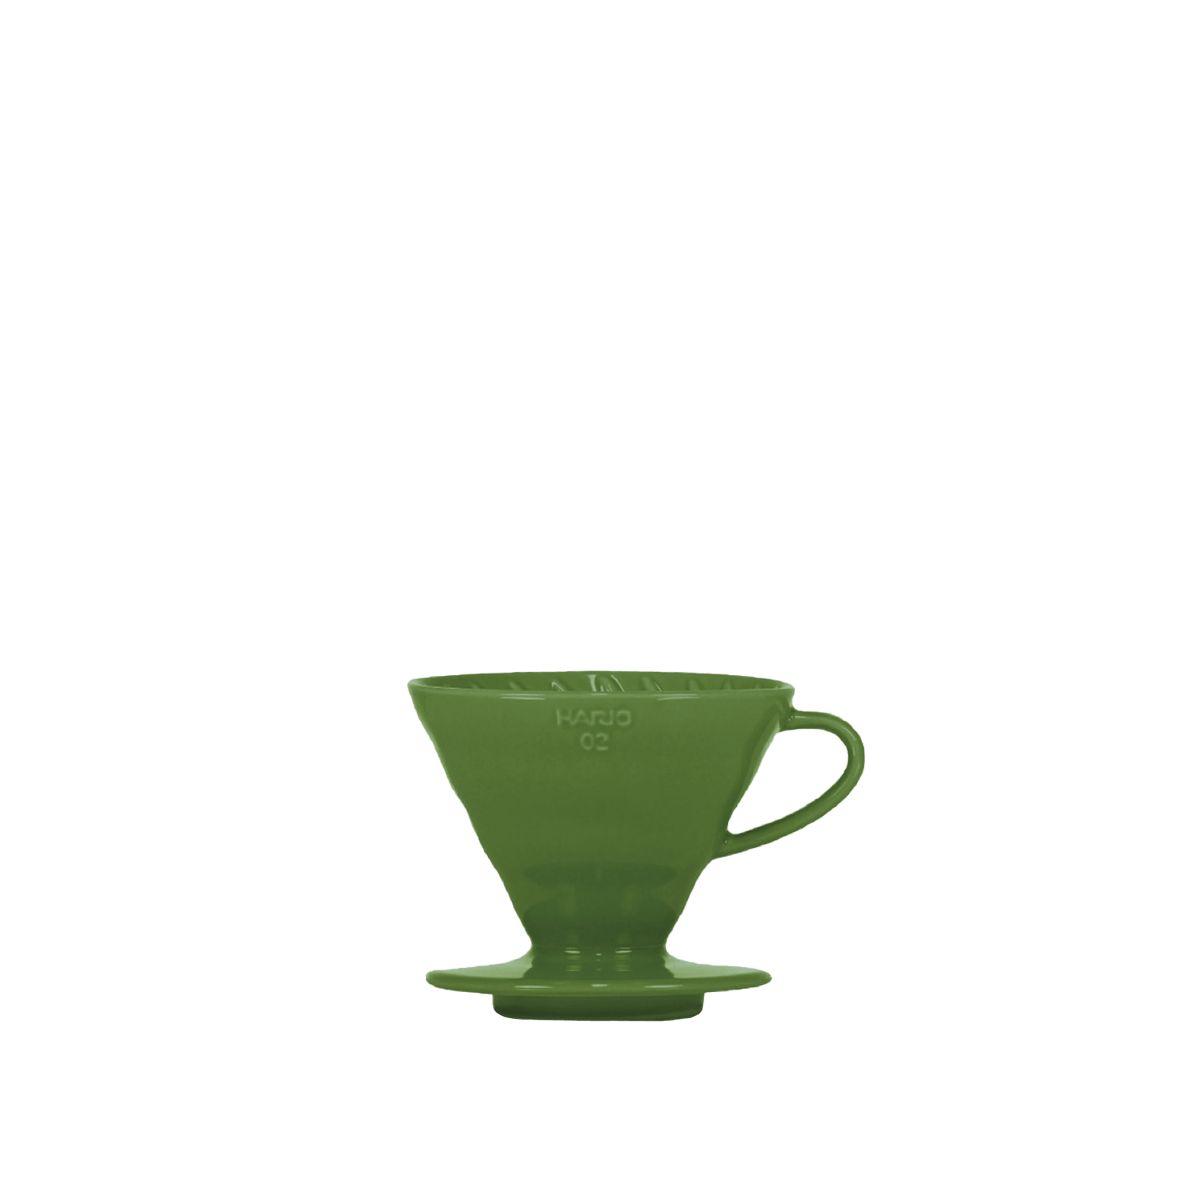 V60 Porcelain Dripper Hario [3/4 cups] - Khaki